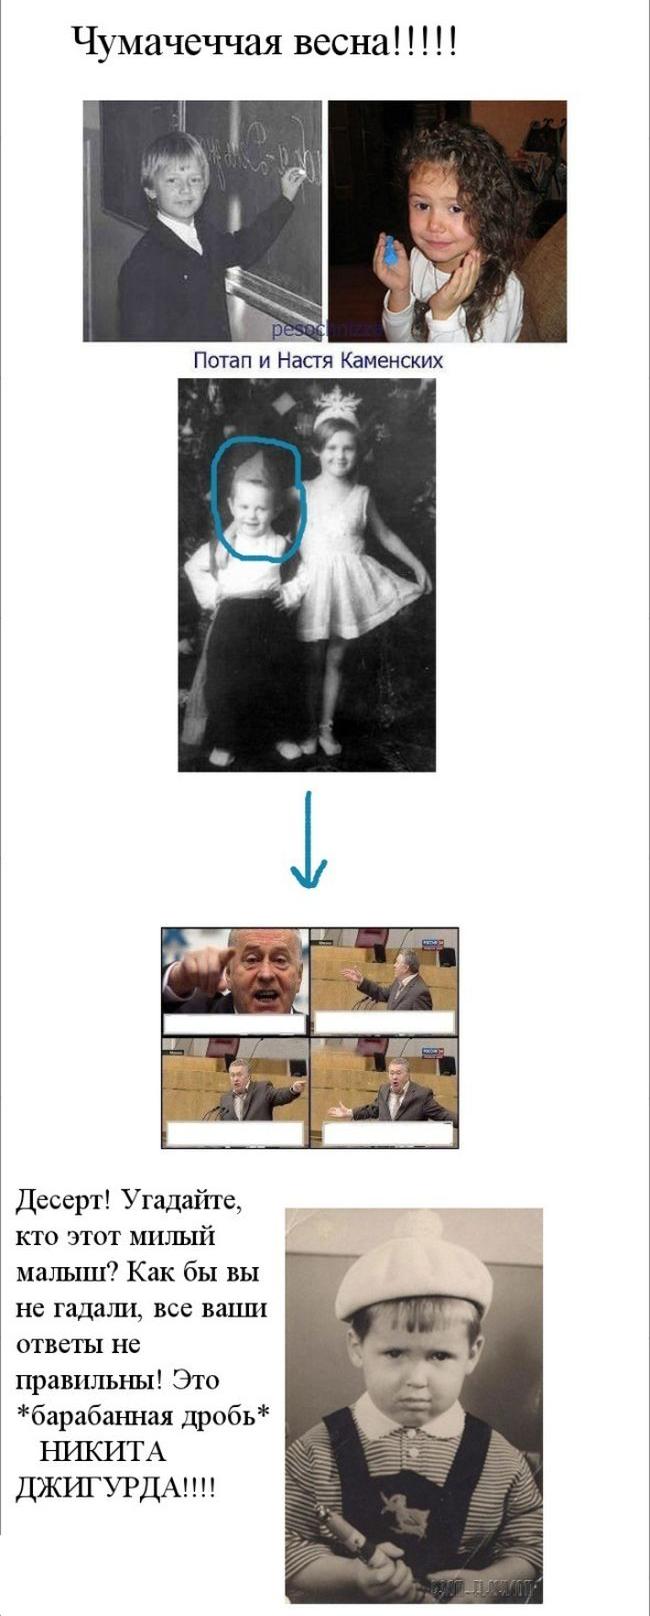 Знаменитости в детстве (4 картинки)